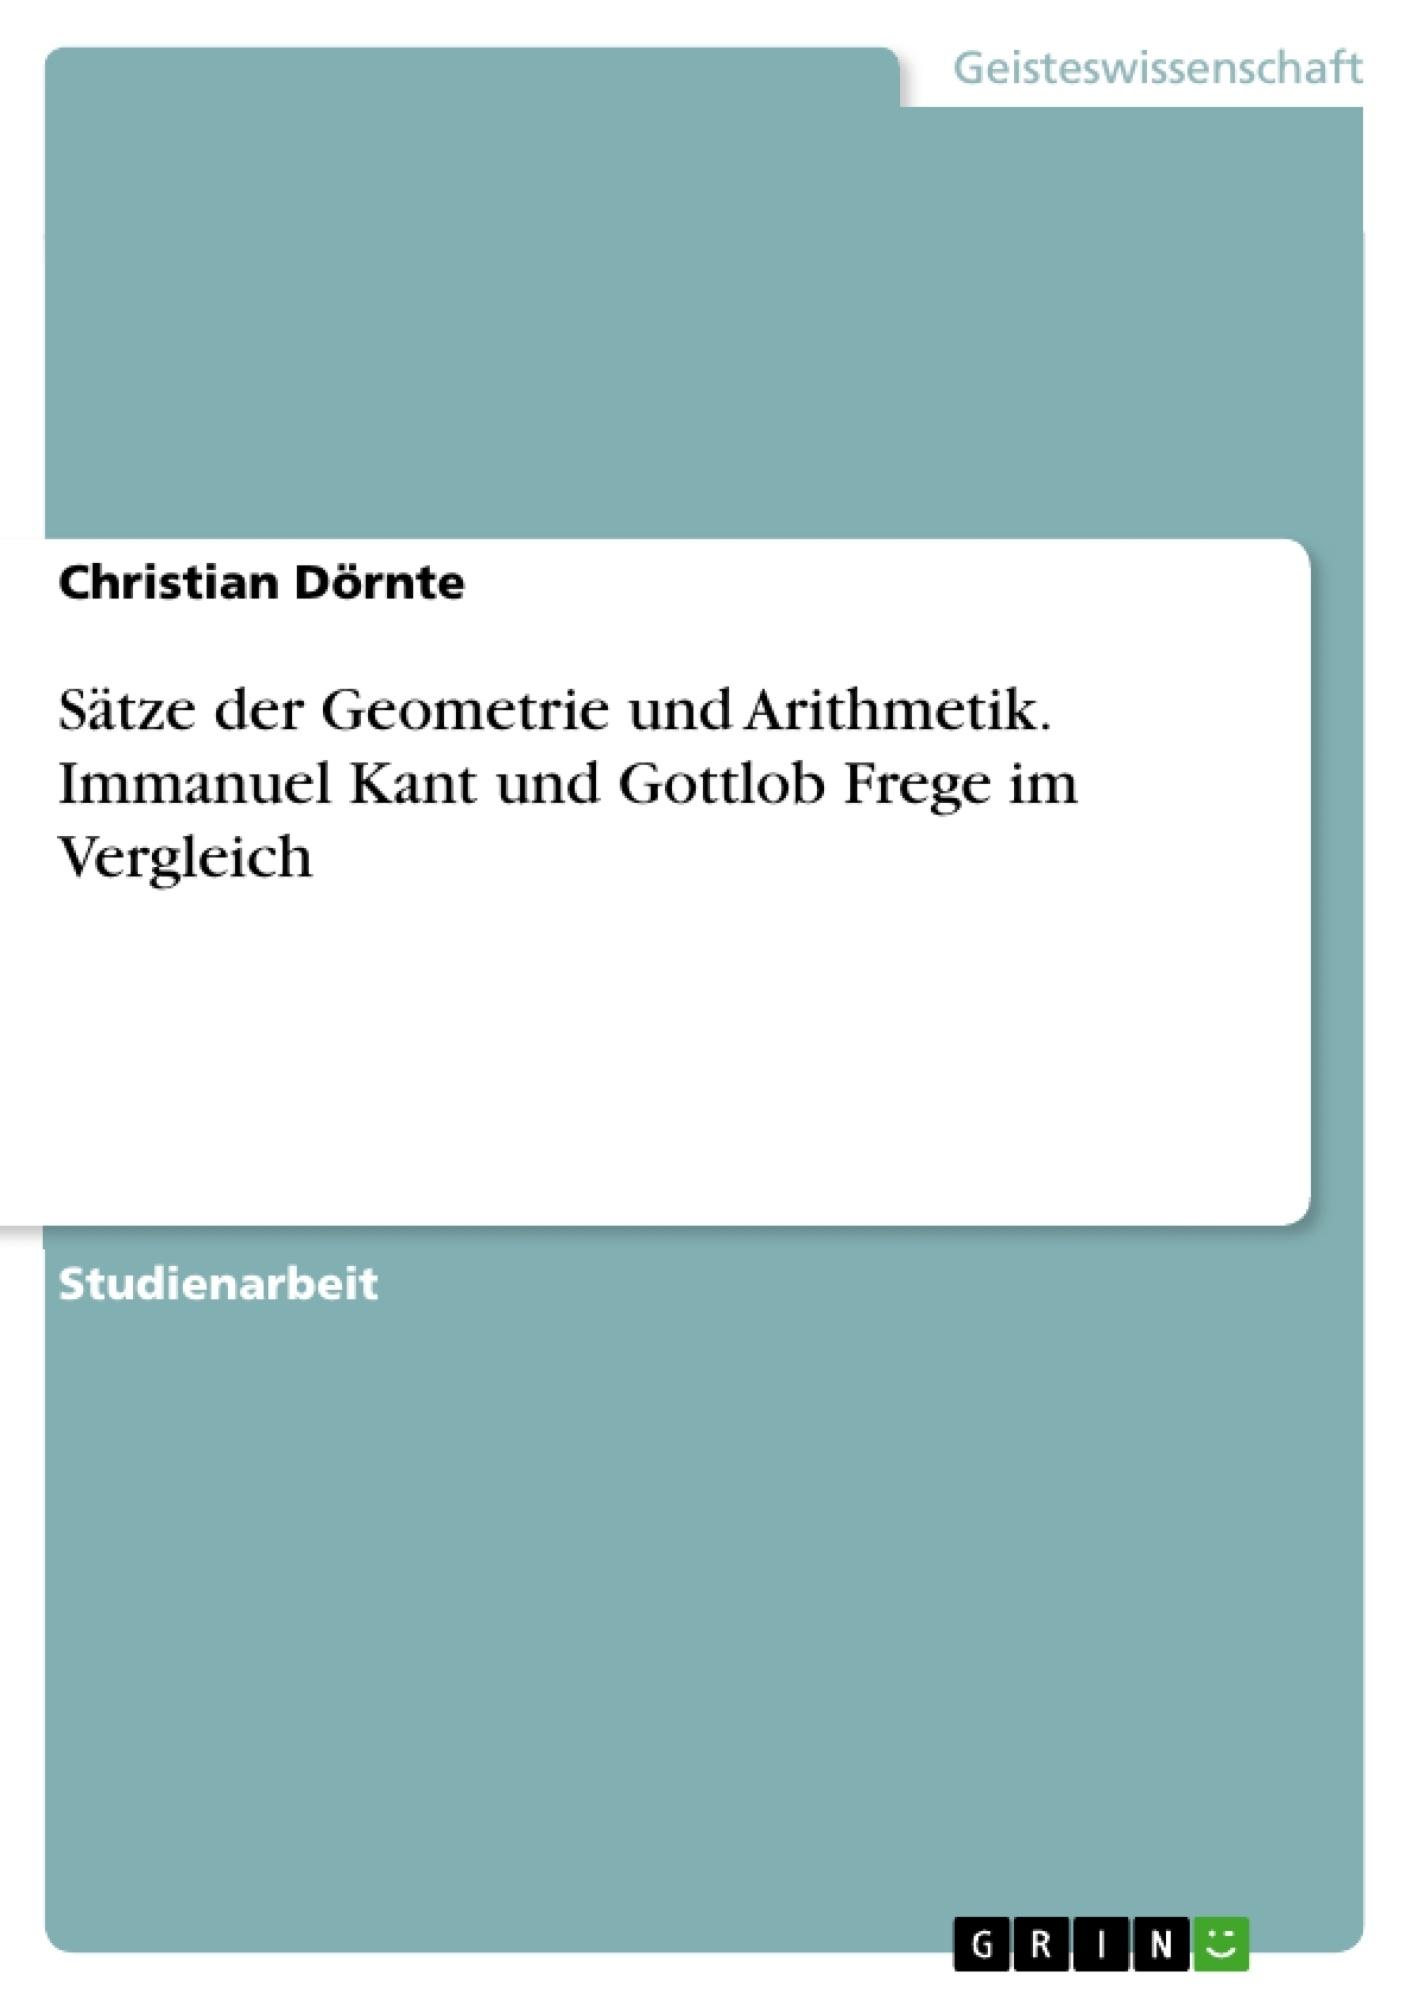 Titel: Sätze der Geometrie und Arithmetik. Immanuel Kant und Gottlob Frege im Vergleich